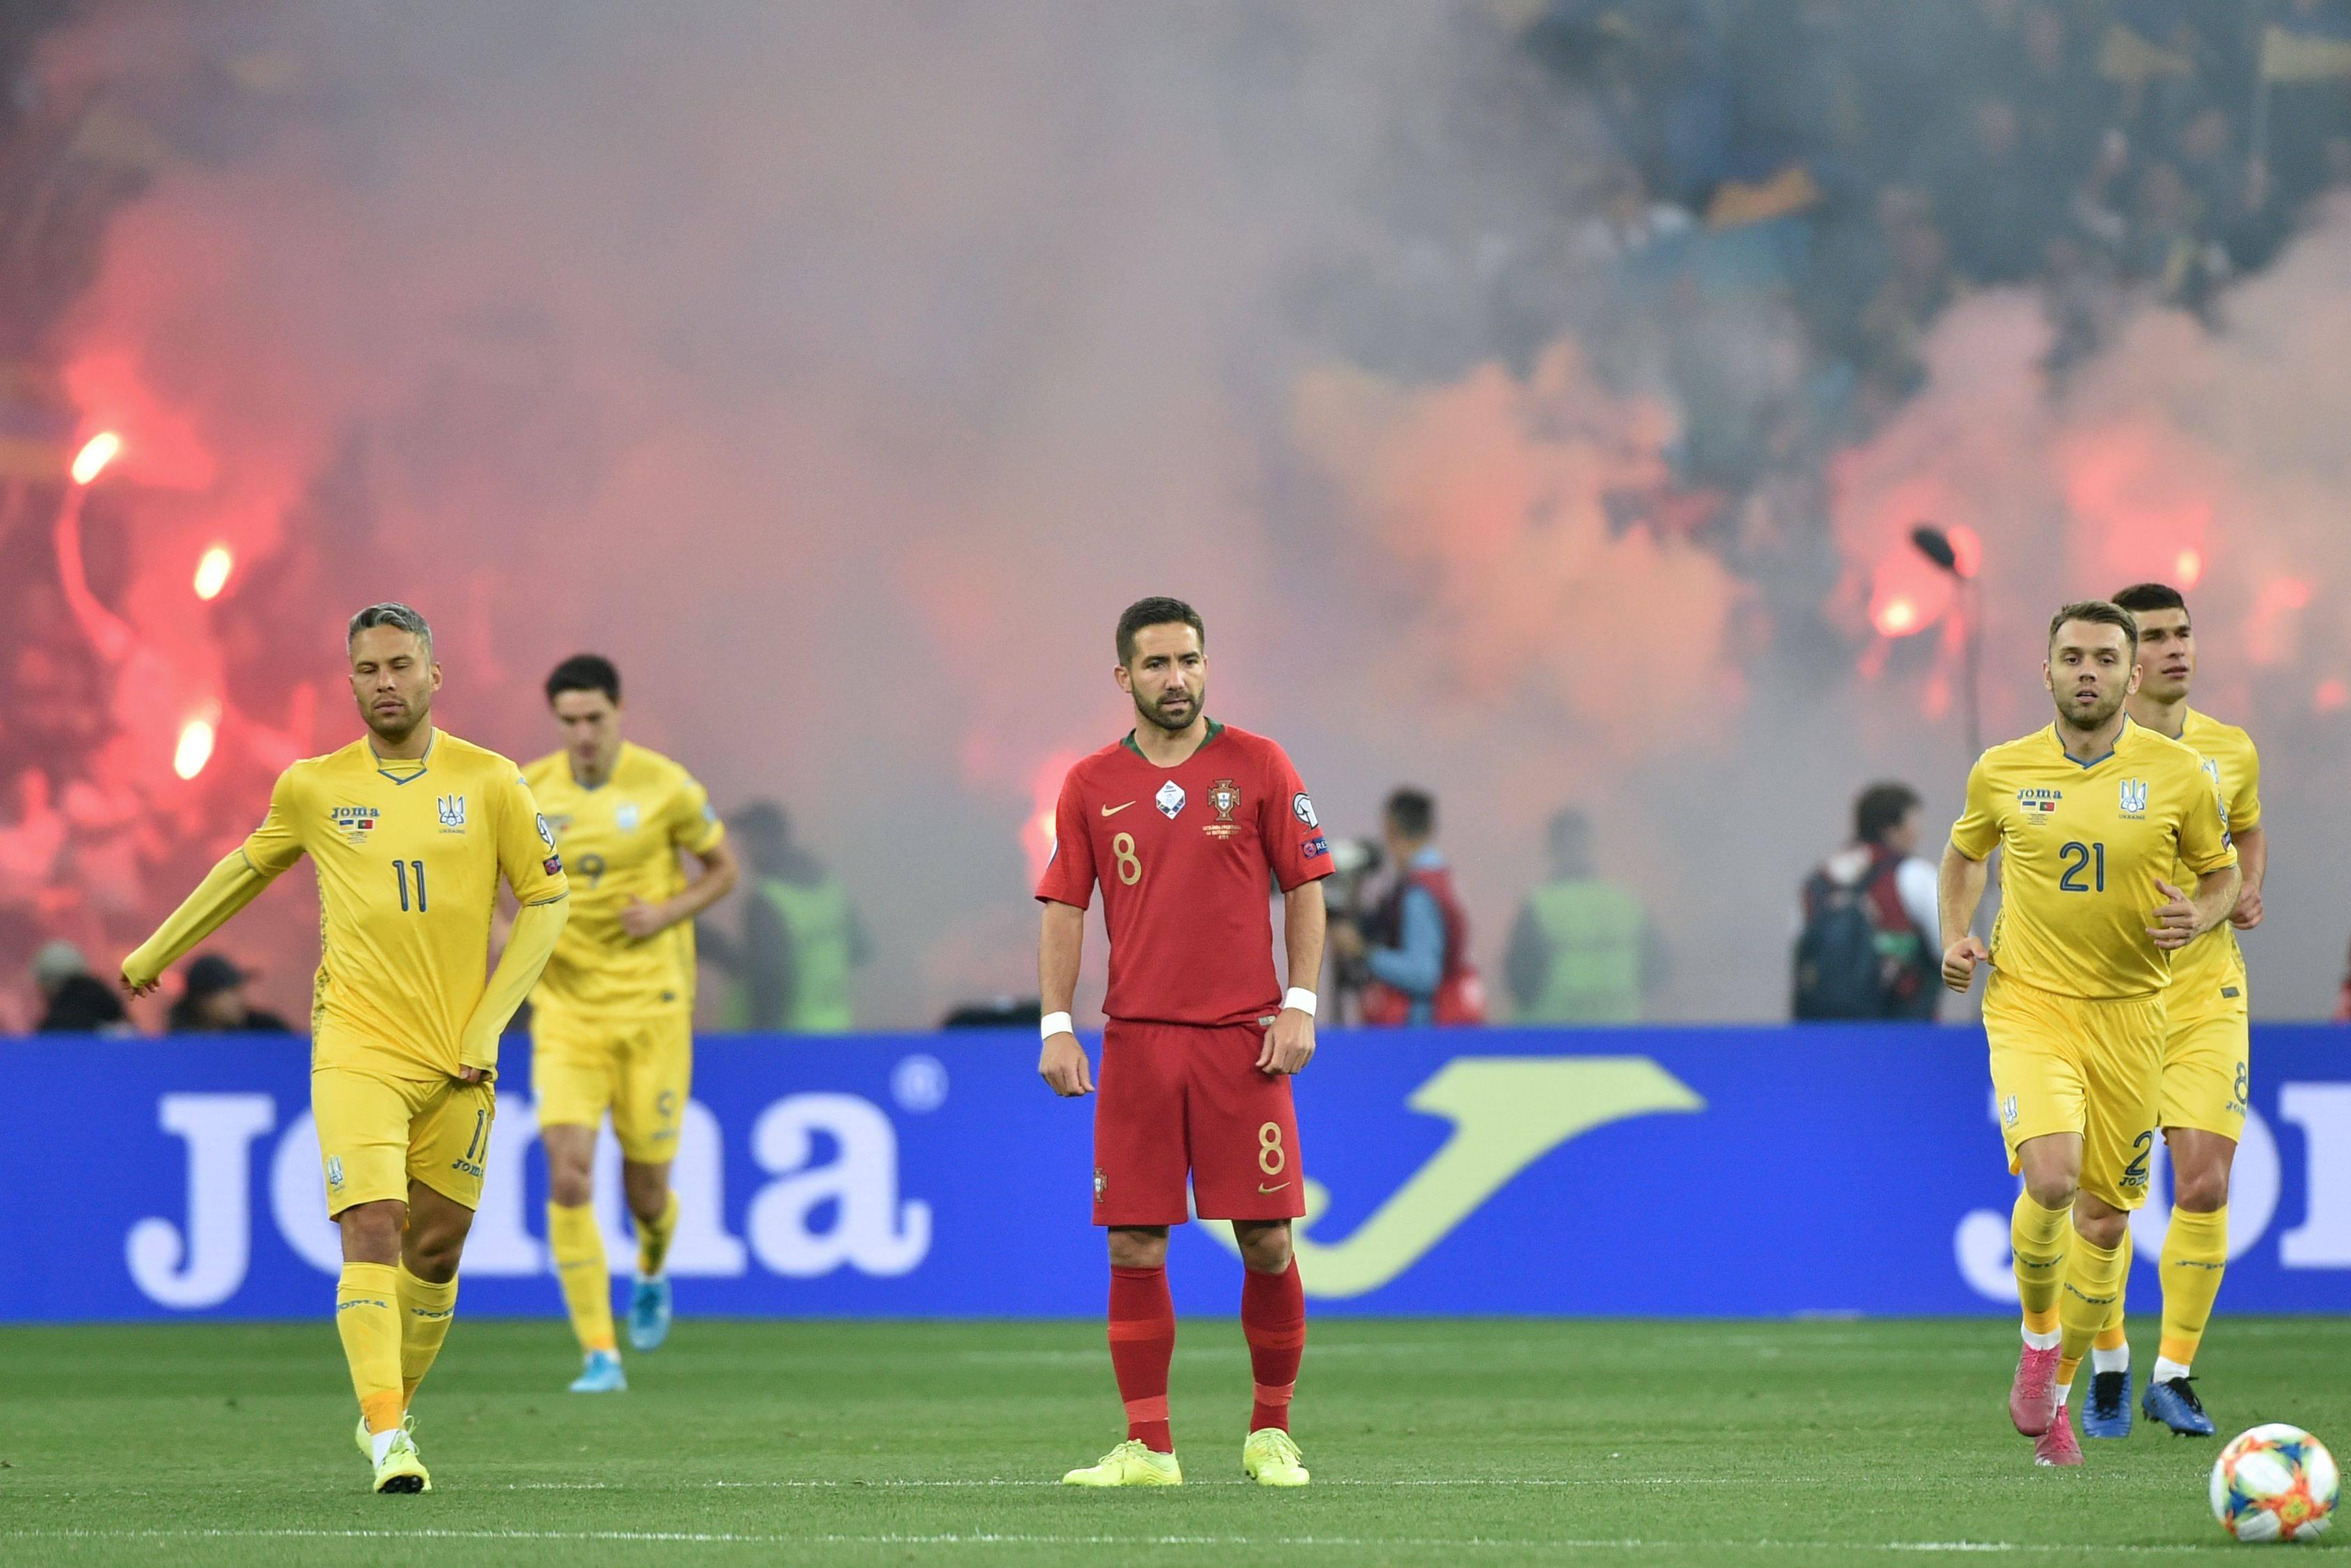 11 друзей. идеальный состав сборной португалии